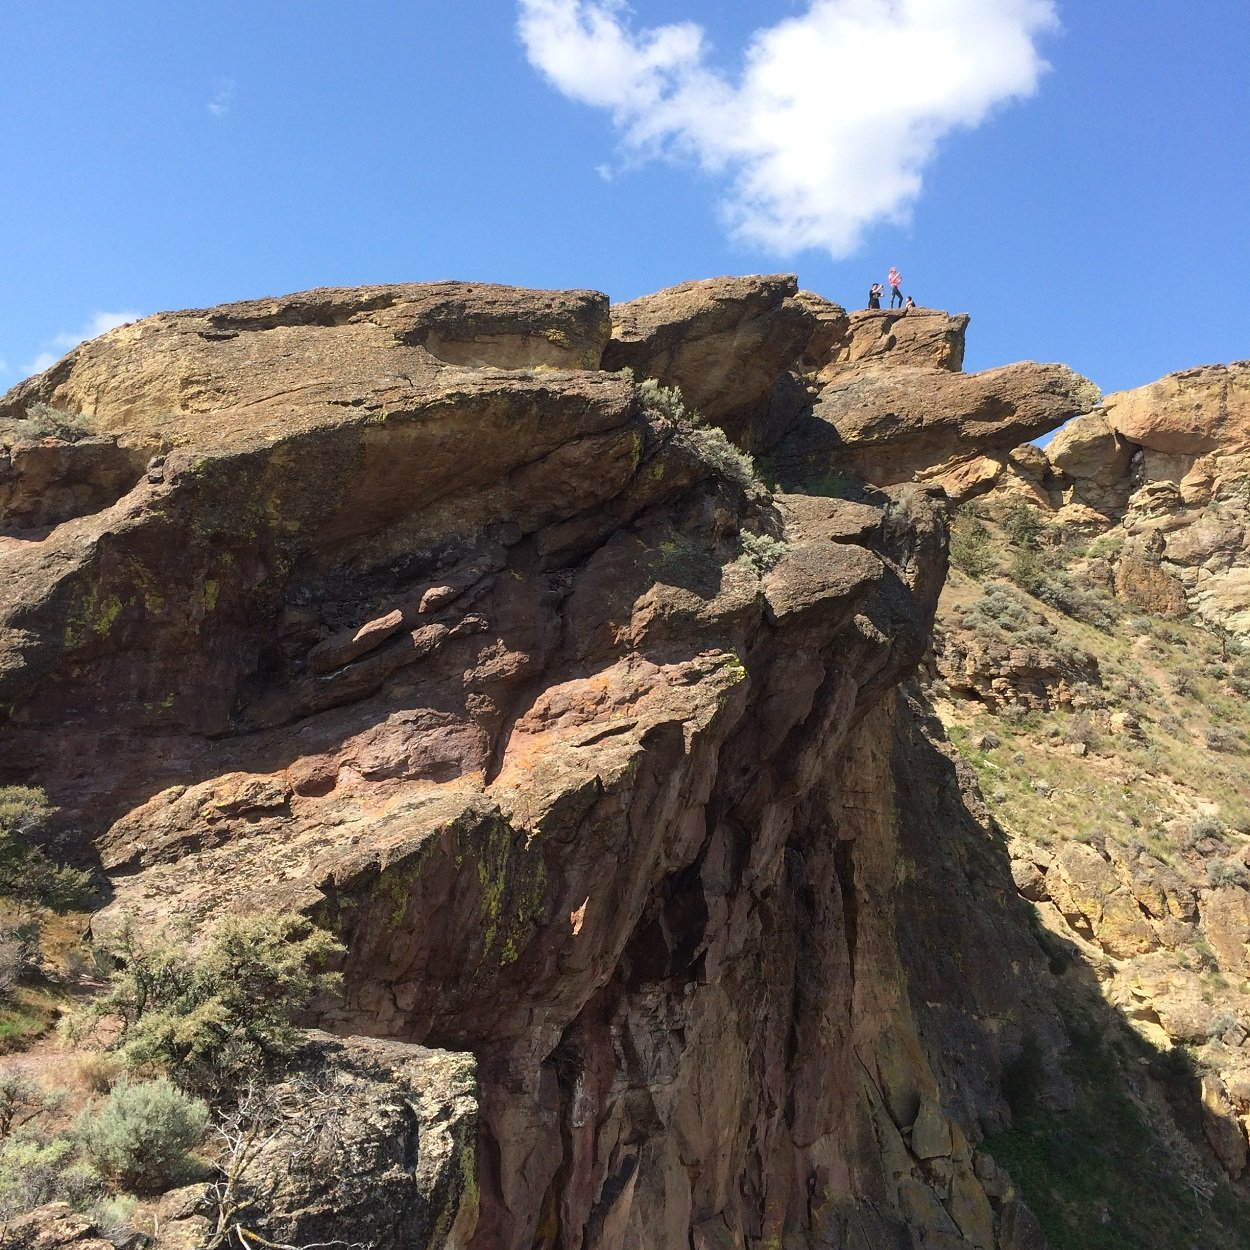 Moscow - Smith Rock Climbing